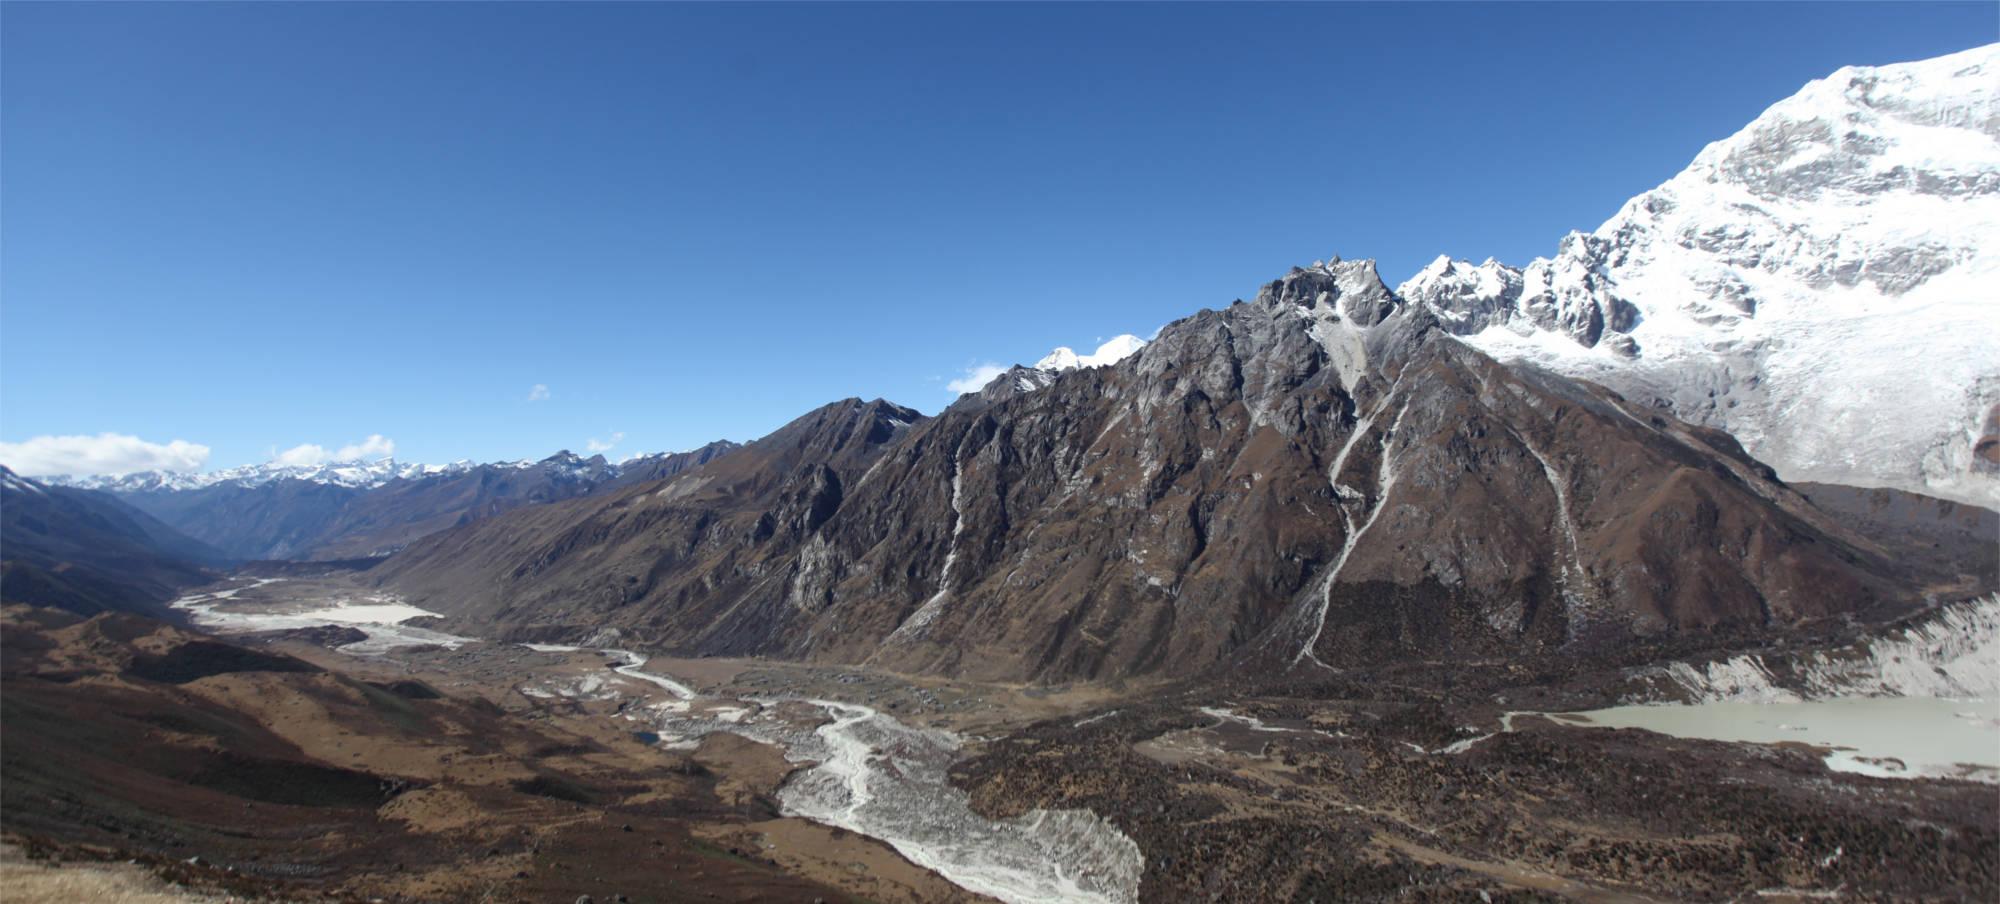 trekking_page